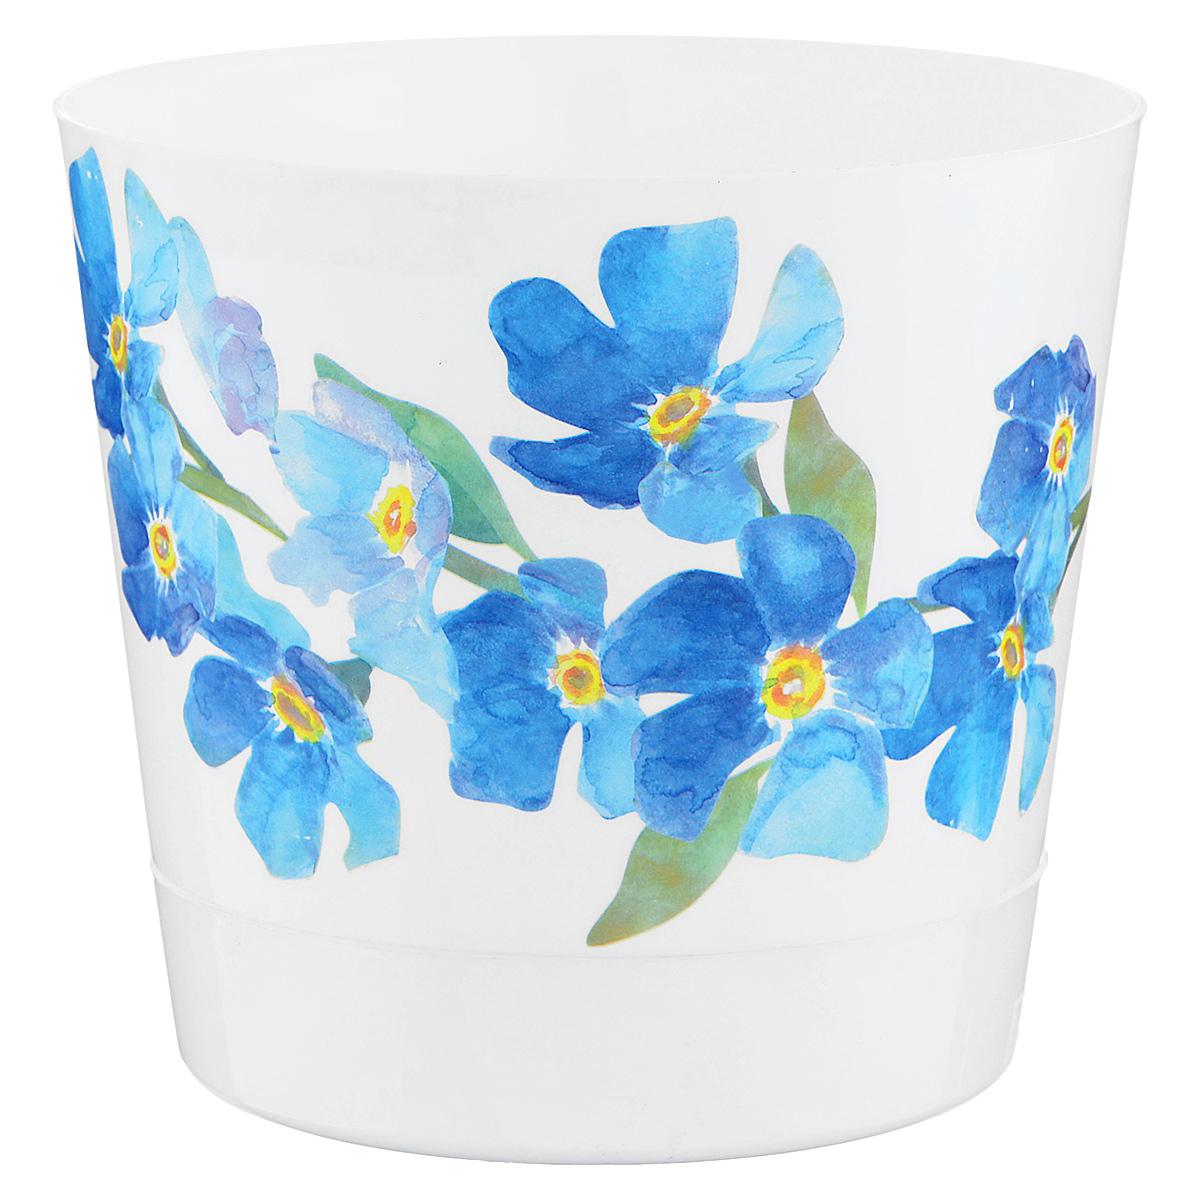 Кашпо Idea Ника. Деко, с прикорневым поливом, с поддоном, цвет: белый, голубой, 1,6 лGPS5-13-RЛюбой, даже самый современный и продуманный интерьер будет не завершённым без растений. Они не только очищают воздух и насыщают его кислородом, но и заметно украшают окружающее пространство. Такому полезному &laquo члену семьи&raquoпросто необходимо красивое и функциональное кашпо, оригинальный горшок или необычная ваза! Мы предлагаем - Кашпо 1,6 л Ника деко d=15 см , с прикорневым поливом, голубые цветы!Оптимальный выбор материала &mdash &nbsp пластмасса! Почему мы так считаем? Малый вес. С лёгкостью переносите горшки и кашпо с места на место, ставьте их на столики или полки, подвешивайте под потолок, не беспокоясь о нагрузке. Простота ухода. Пластиковые изделия не нуждаются в специальных условиях хранения. Их&nbsp легко чистить &mdashдостаточно просто сполоснуть тёплой водой. Никаких царапин. Пластиковые кашпо не царапают и не загрязняют поверхности, на которых стоят. Пластик дольше хранит влагу, а значит &mdashрастение реже нуждается в поливе. Пластмасса не пропускает воздух &mdashкорневой системе растения не грозят резкие перепады температур. Огромный выбор форм, декора и расцветок &mdashвы без труда подберёте что-то, что идеально впишется в уже существующий интерьер.Соблюдая нехитрые правила ухода, вы можете заметно продлить срок службы горшков, вазонов и кашпо из пластика: всегда учитывайте размер кроны и корневой системы растения (при разрастании большое растение способно повредить маленький горшок)берегите изделие от воздействия прямых солнечных лучей, чтобы кашпо и горшки не выцветалидержите кашпо и горшки из пластика подальше от нагревающихся поверхностей.Создавайте прекрасные цветочные композиции, выращивайте рассаду или необычные растения, а низкие цены позволят вам не ограничивать себя в выборе.